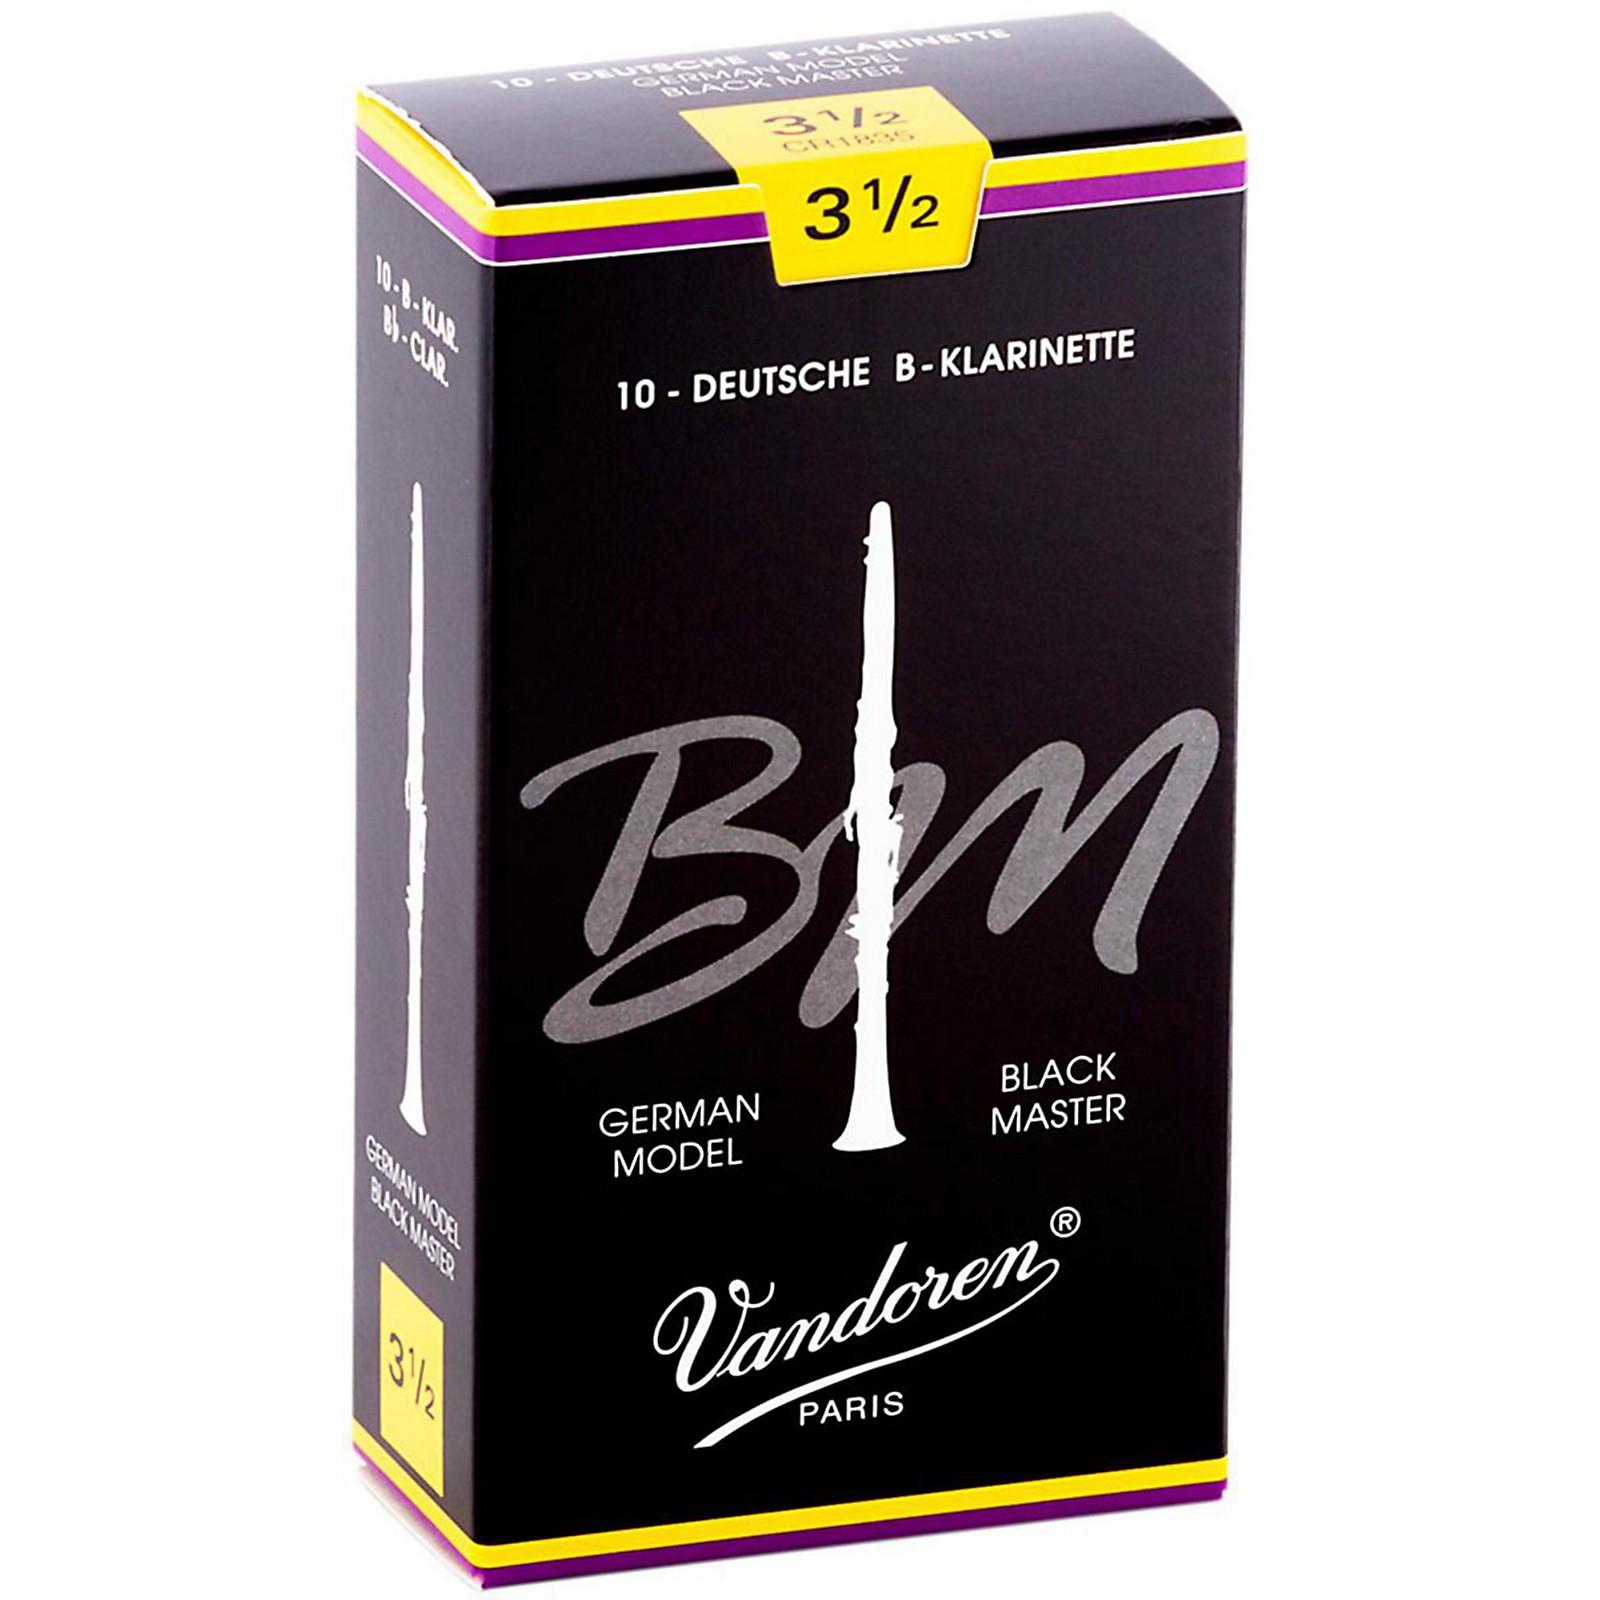 Vandoren Black Master Bb Clarinet Reeds